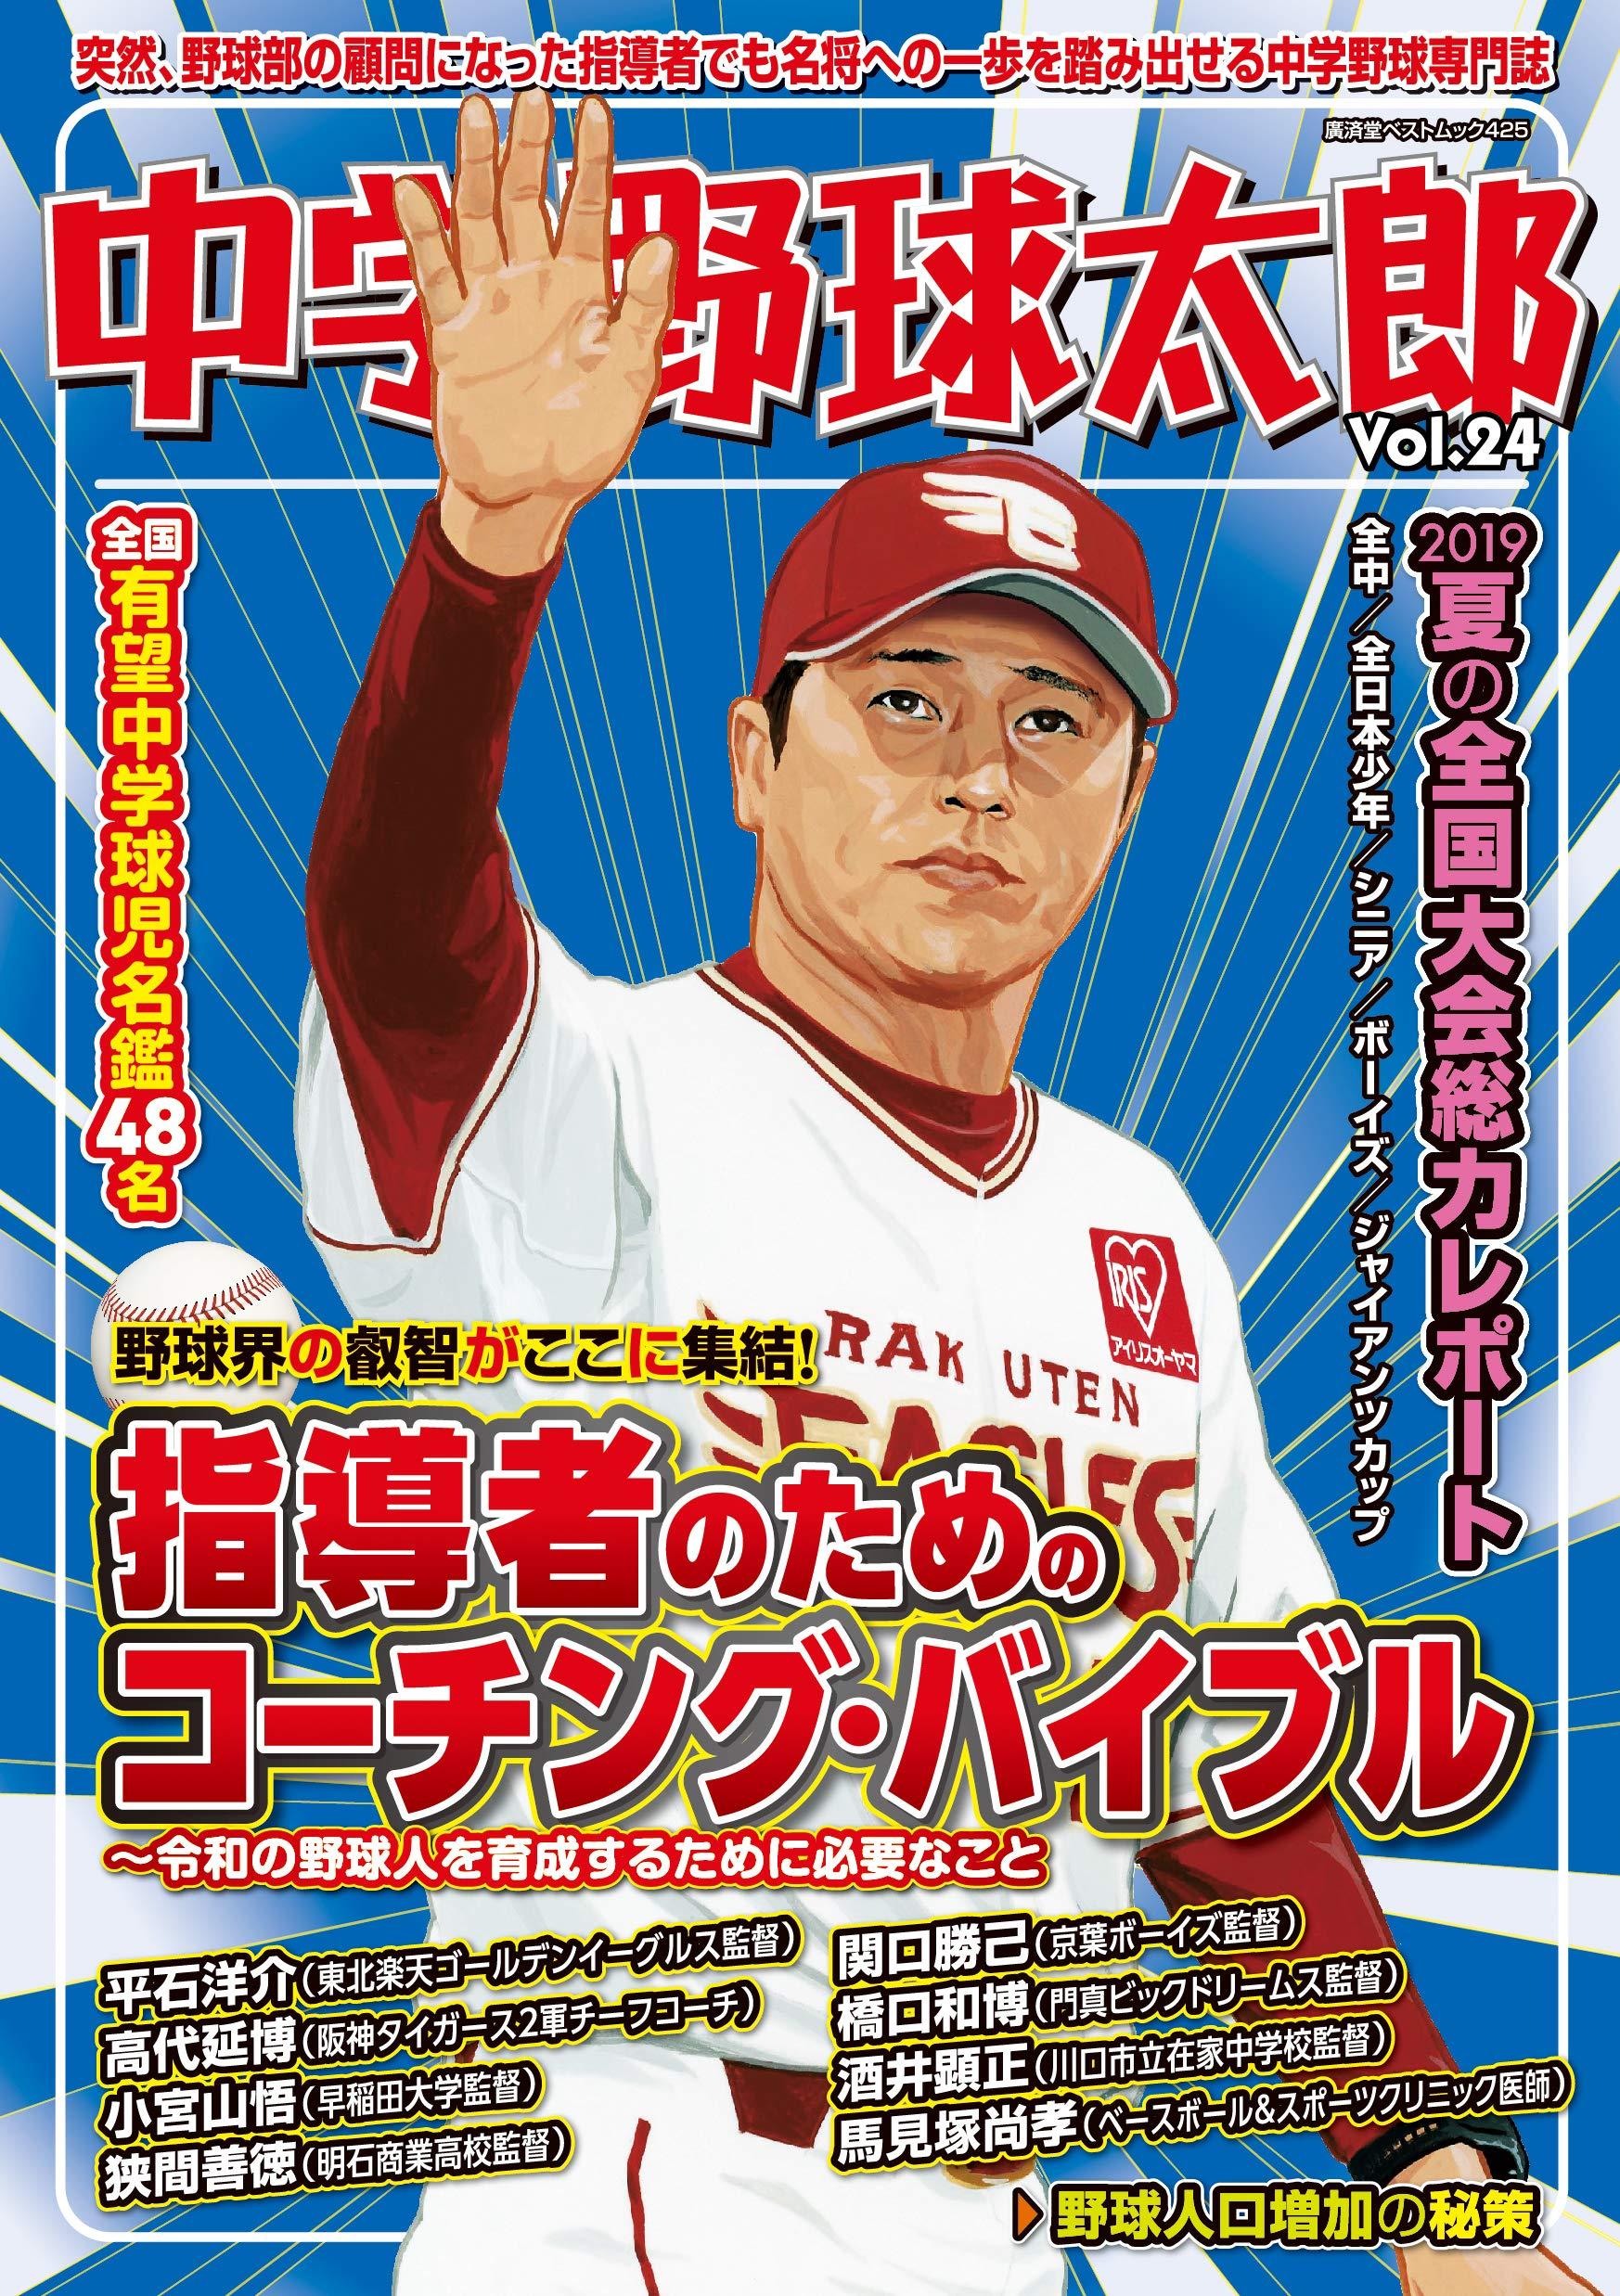 【チラ読み可能!】『中学野球太郎Vol.24 指導者のためのコーチング・バイブル』9月11日発売です!